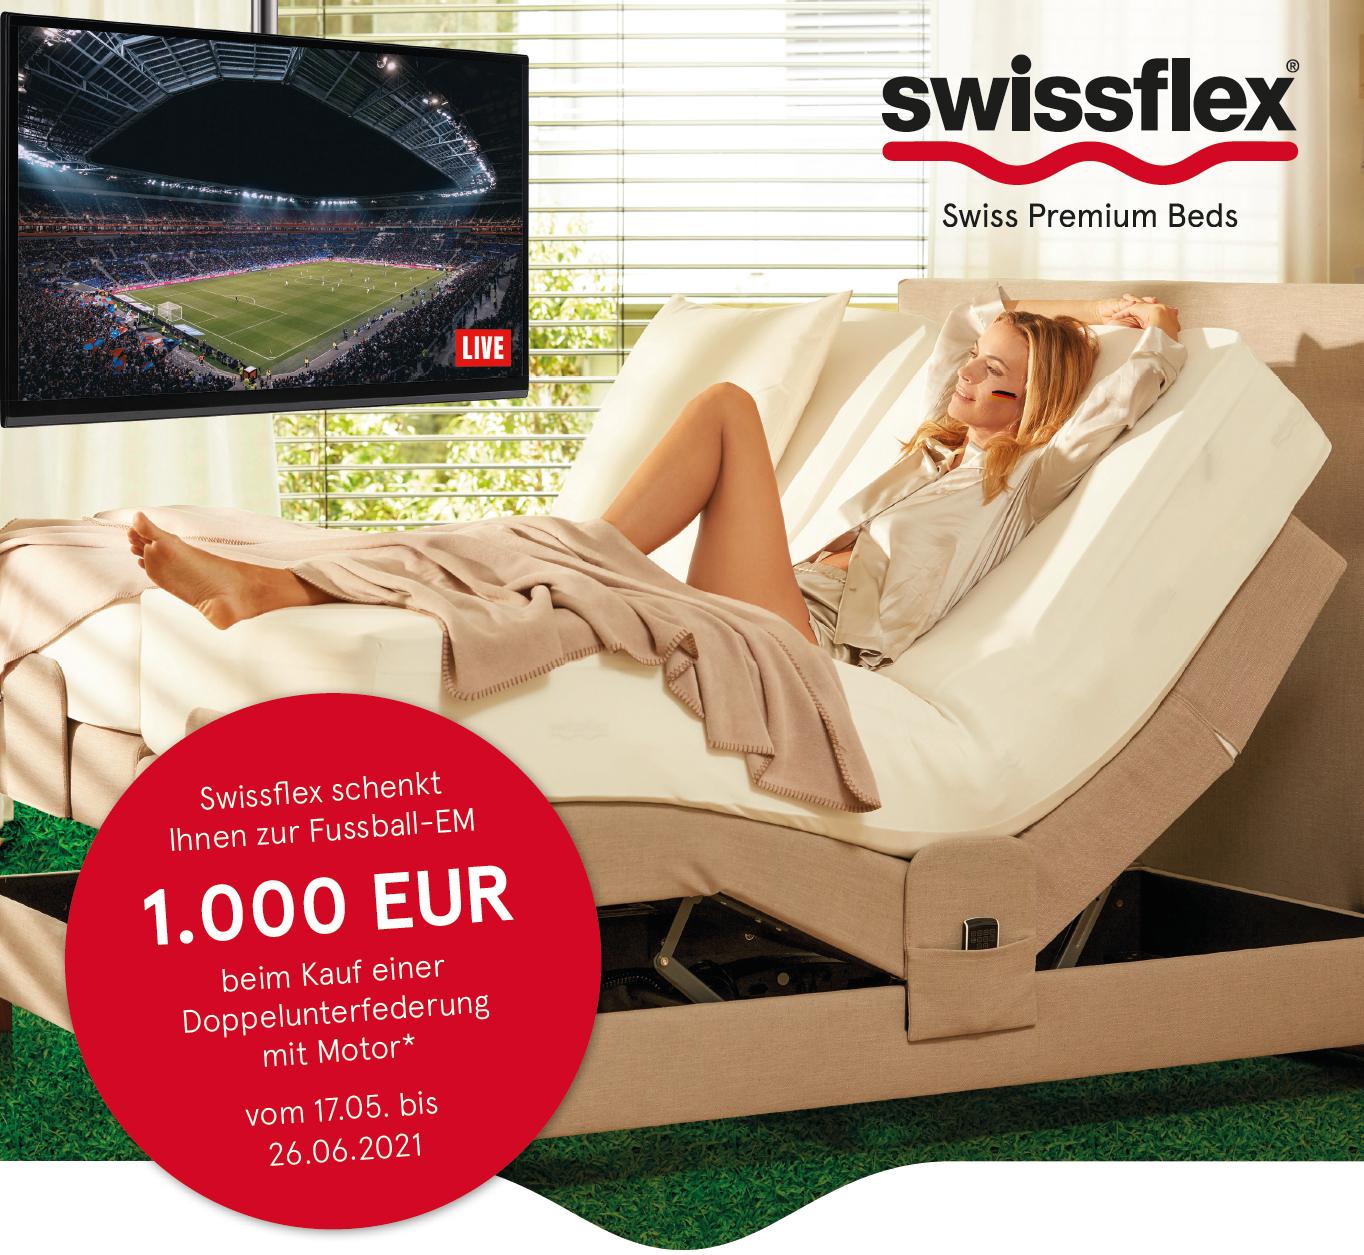 Swissflex schenkt Ihnen zur Fussball-EM 2021